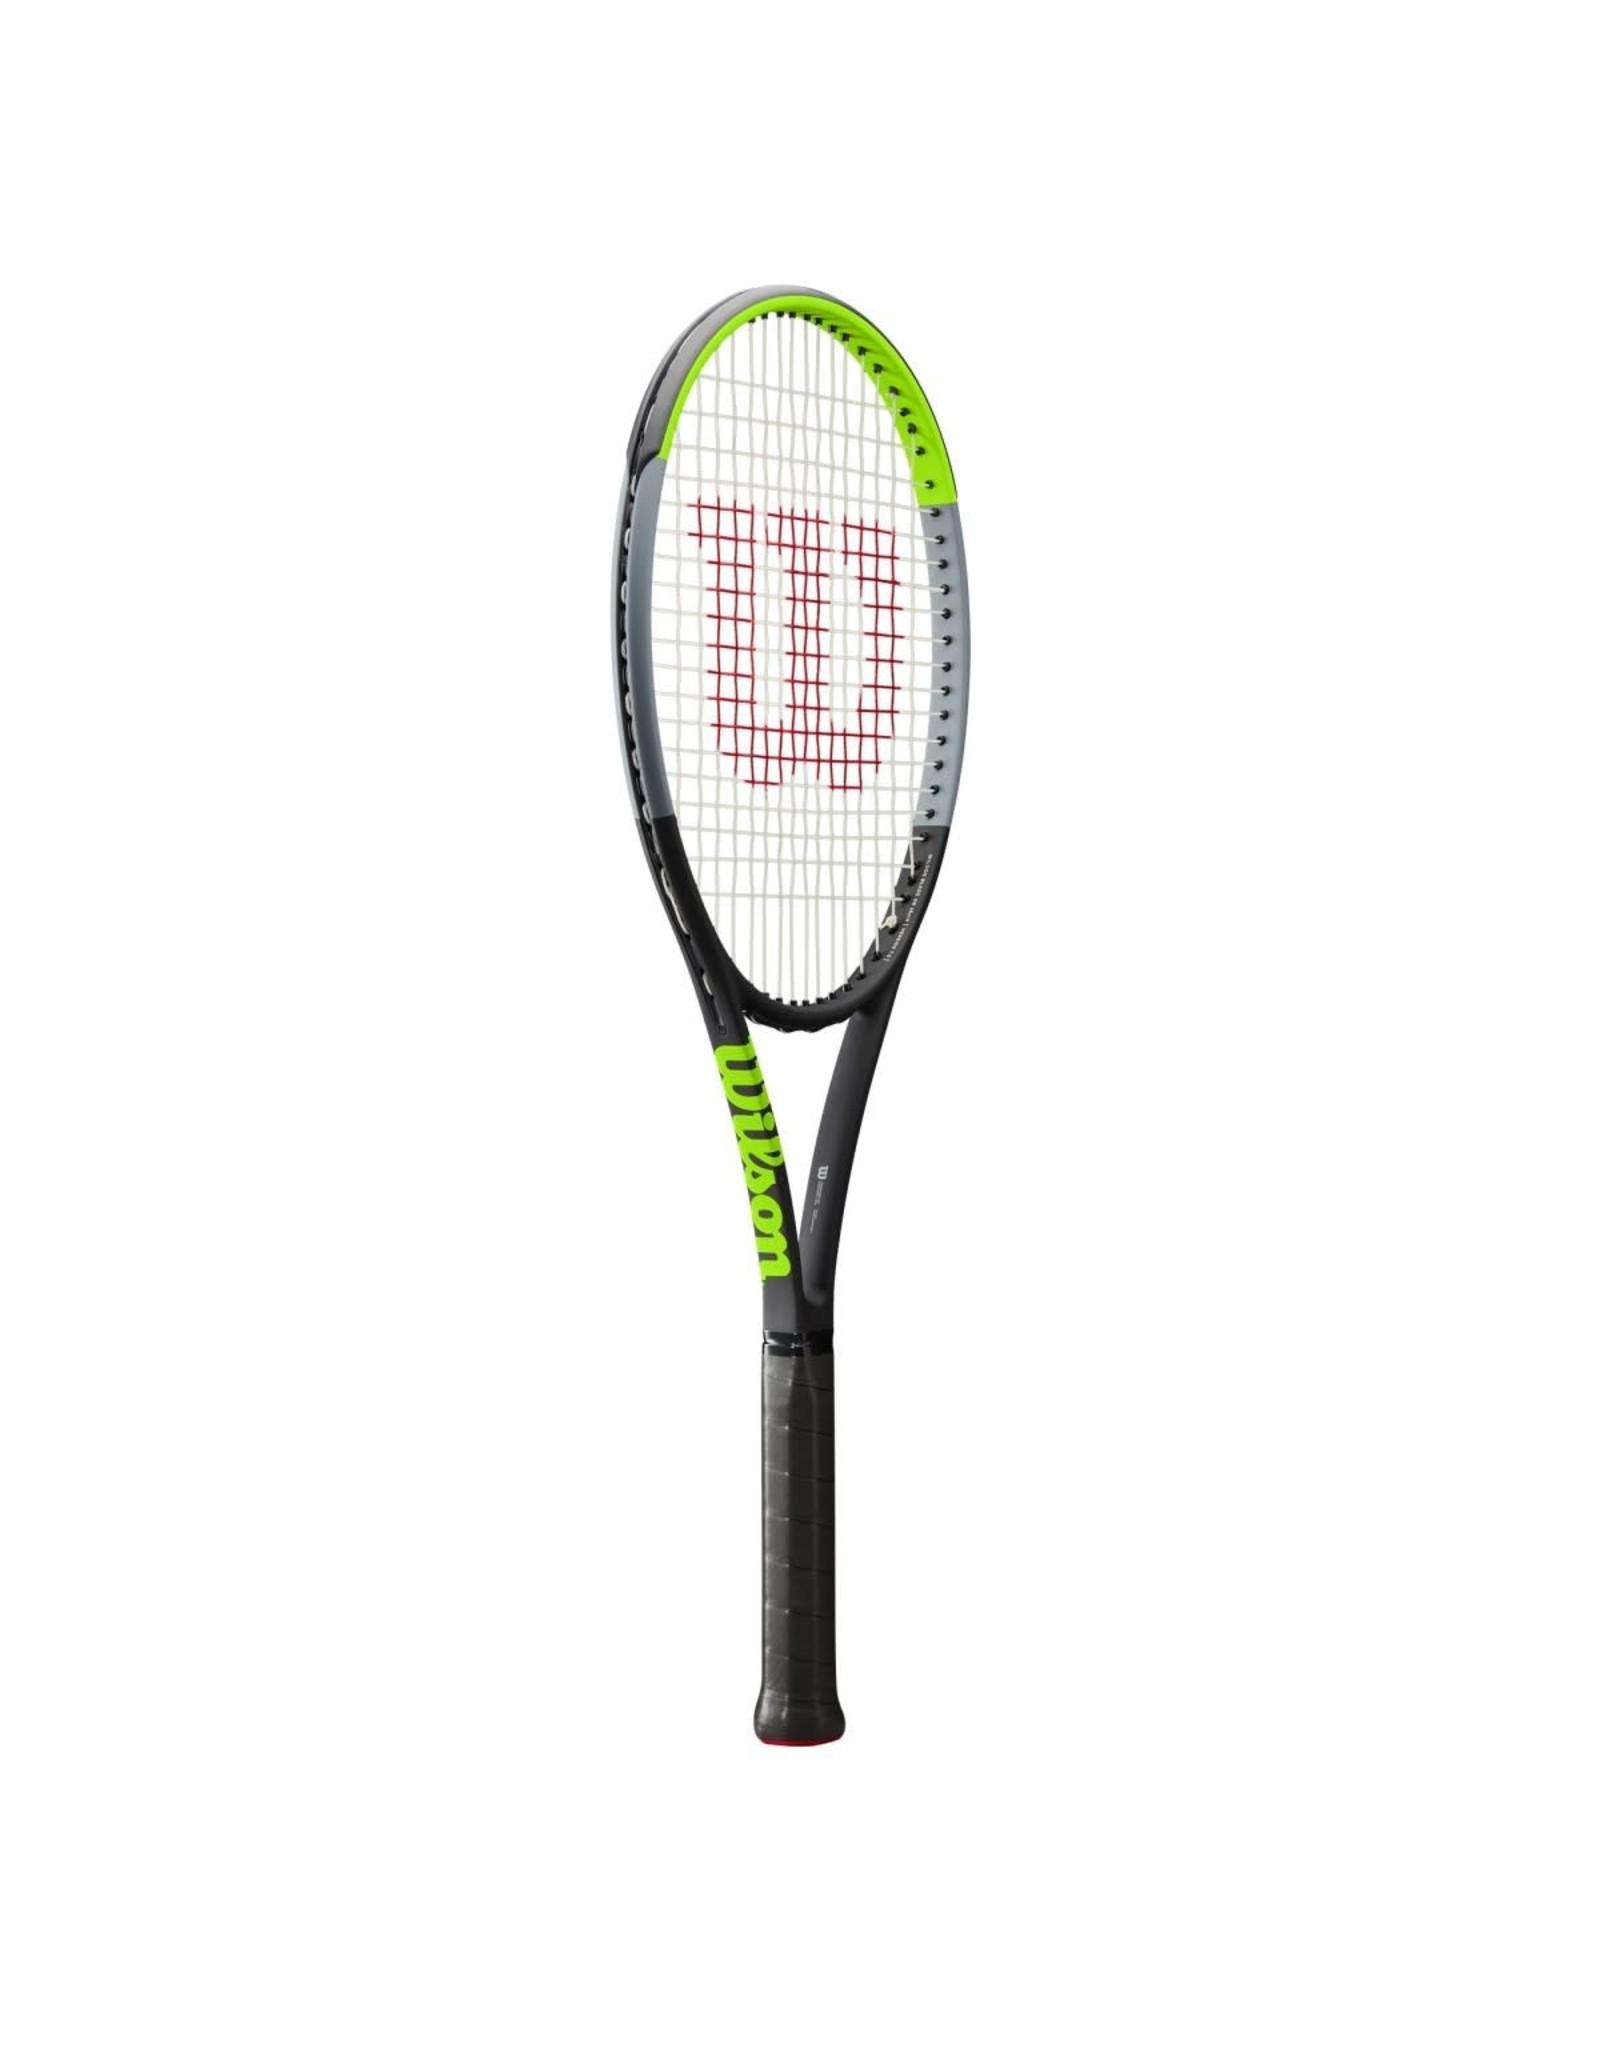 Wilson Wilson Blade 98 16x19 v7 Tennis Racquet